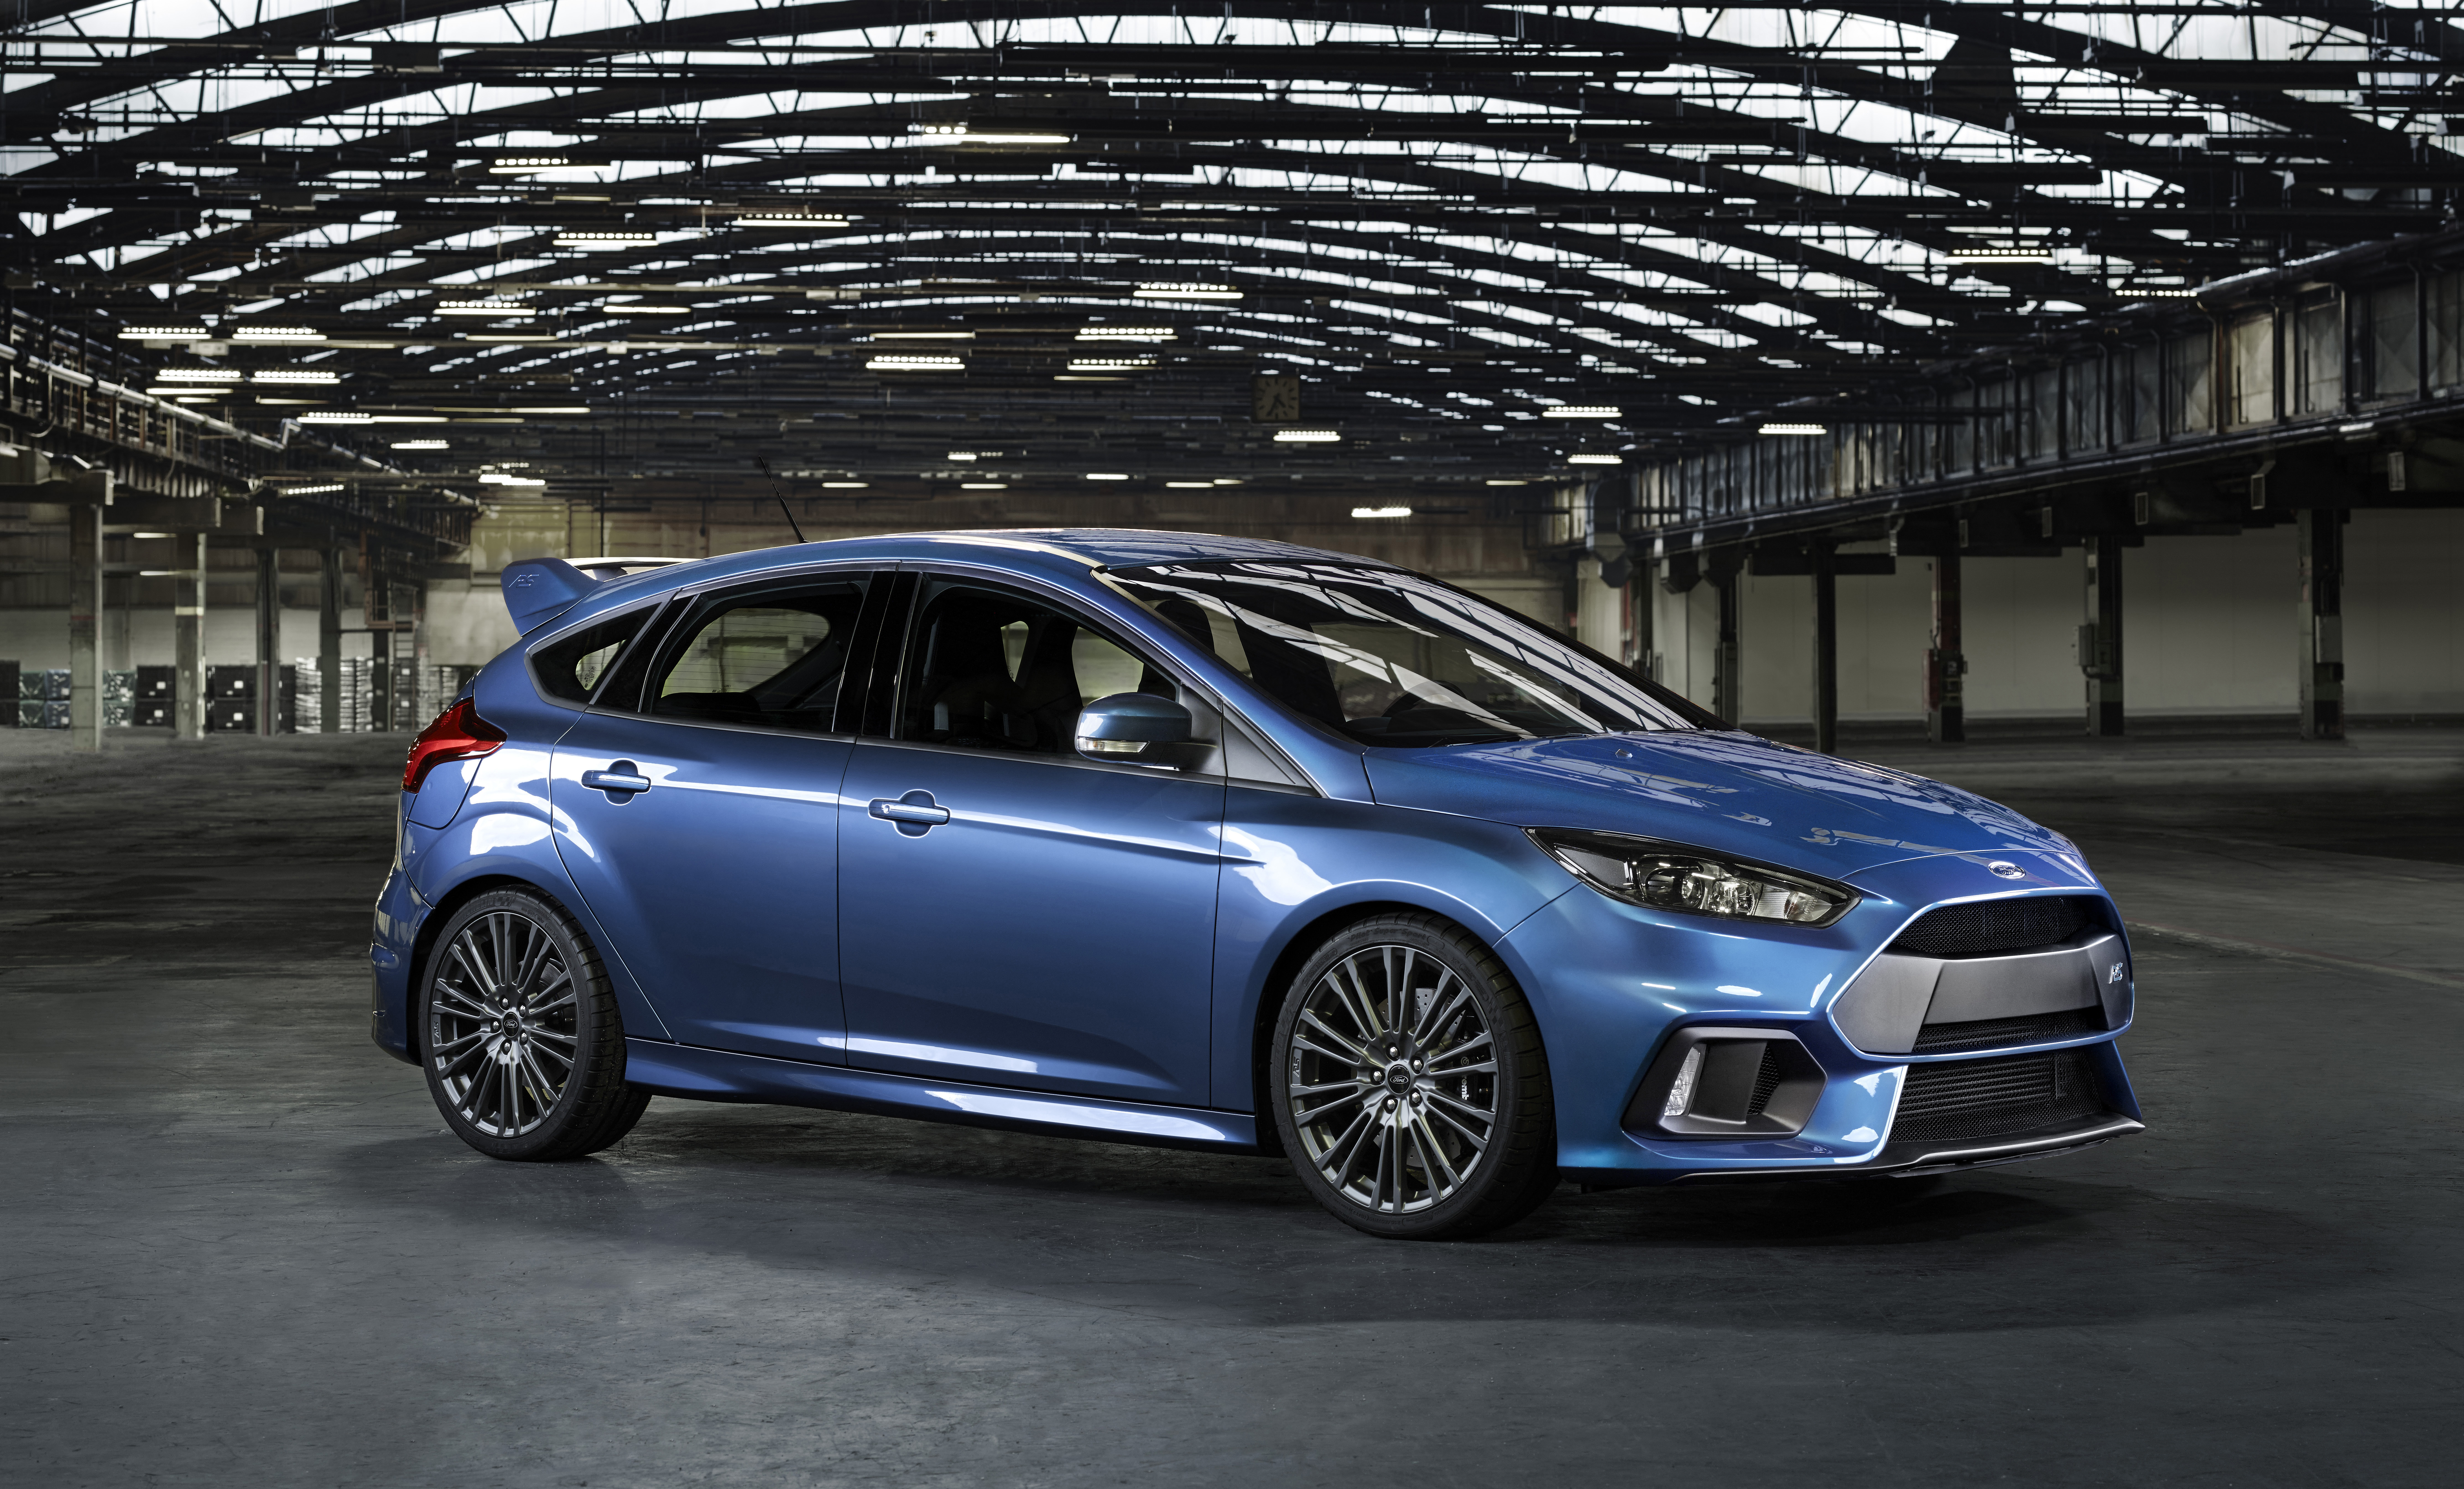 Mỗi động cơ xe Ford được sản xuất tại nhà máy Valencia đều được các chuyên gia lắng nghe động cơ kiểm tra lại trước khi lắp ráp.